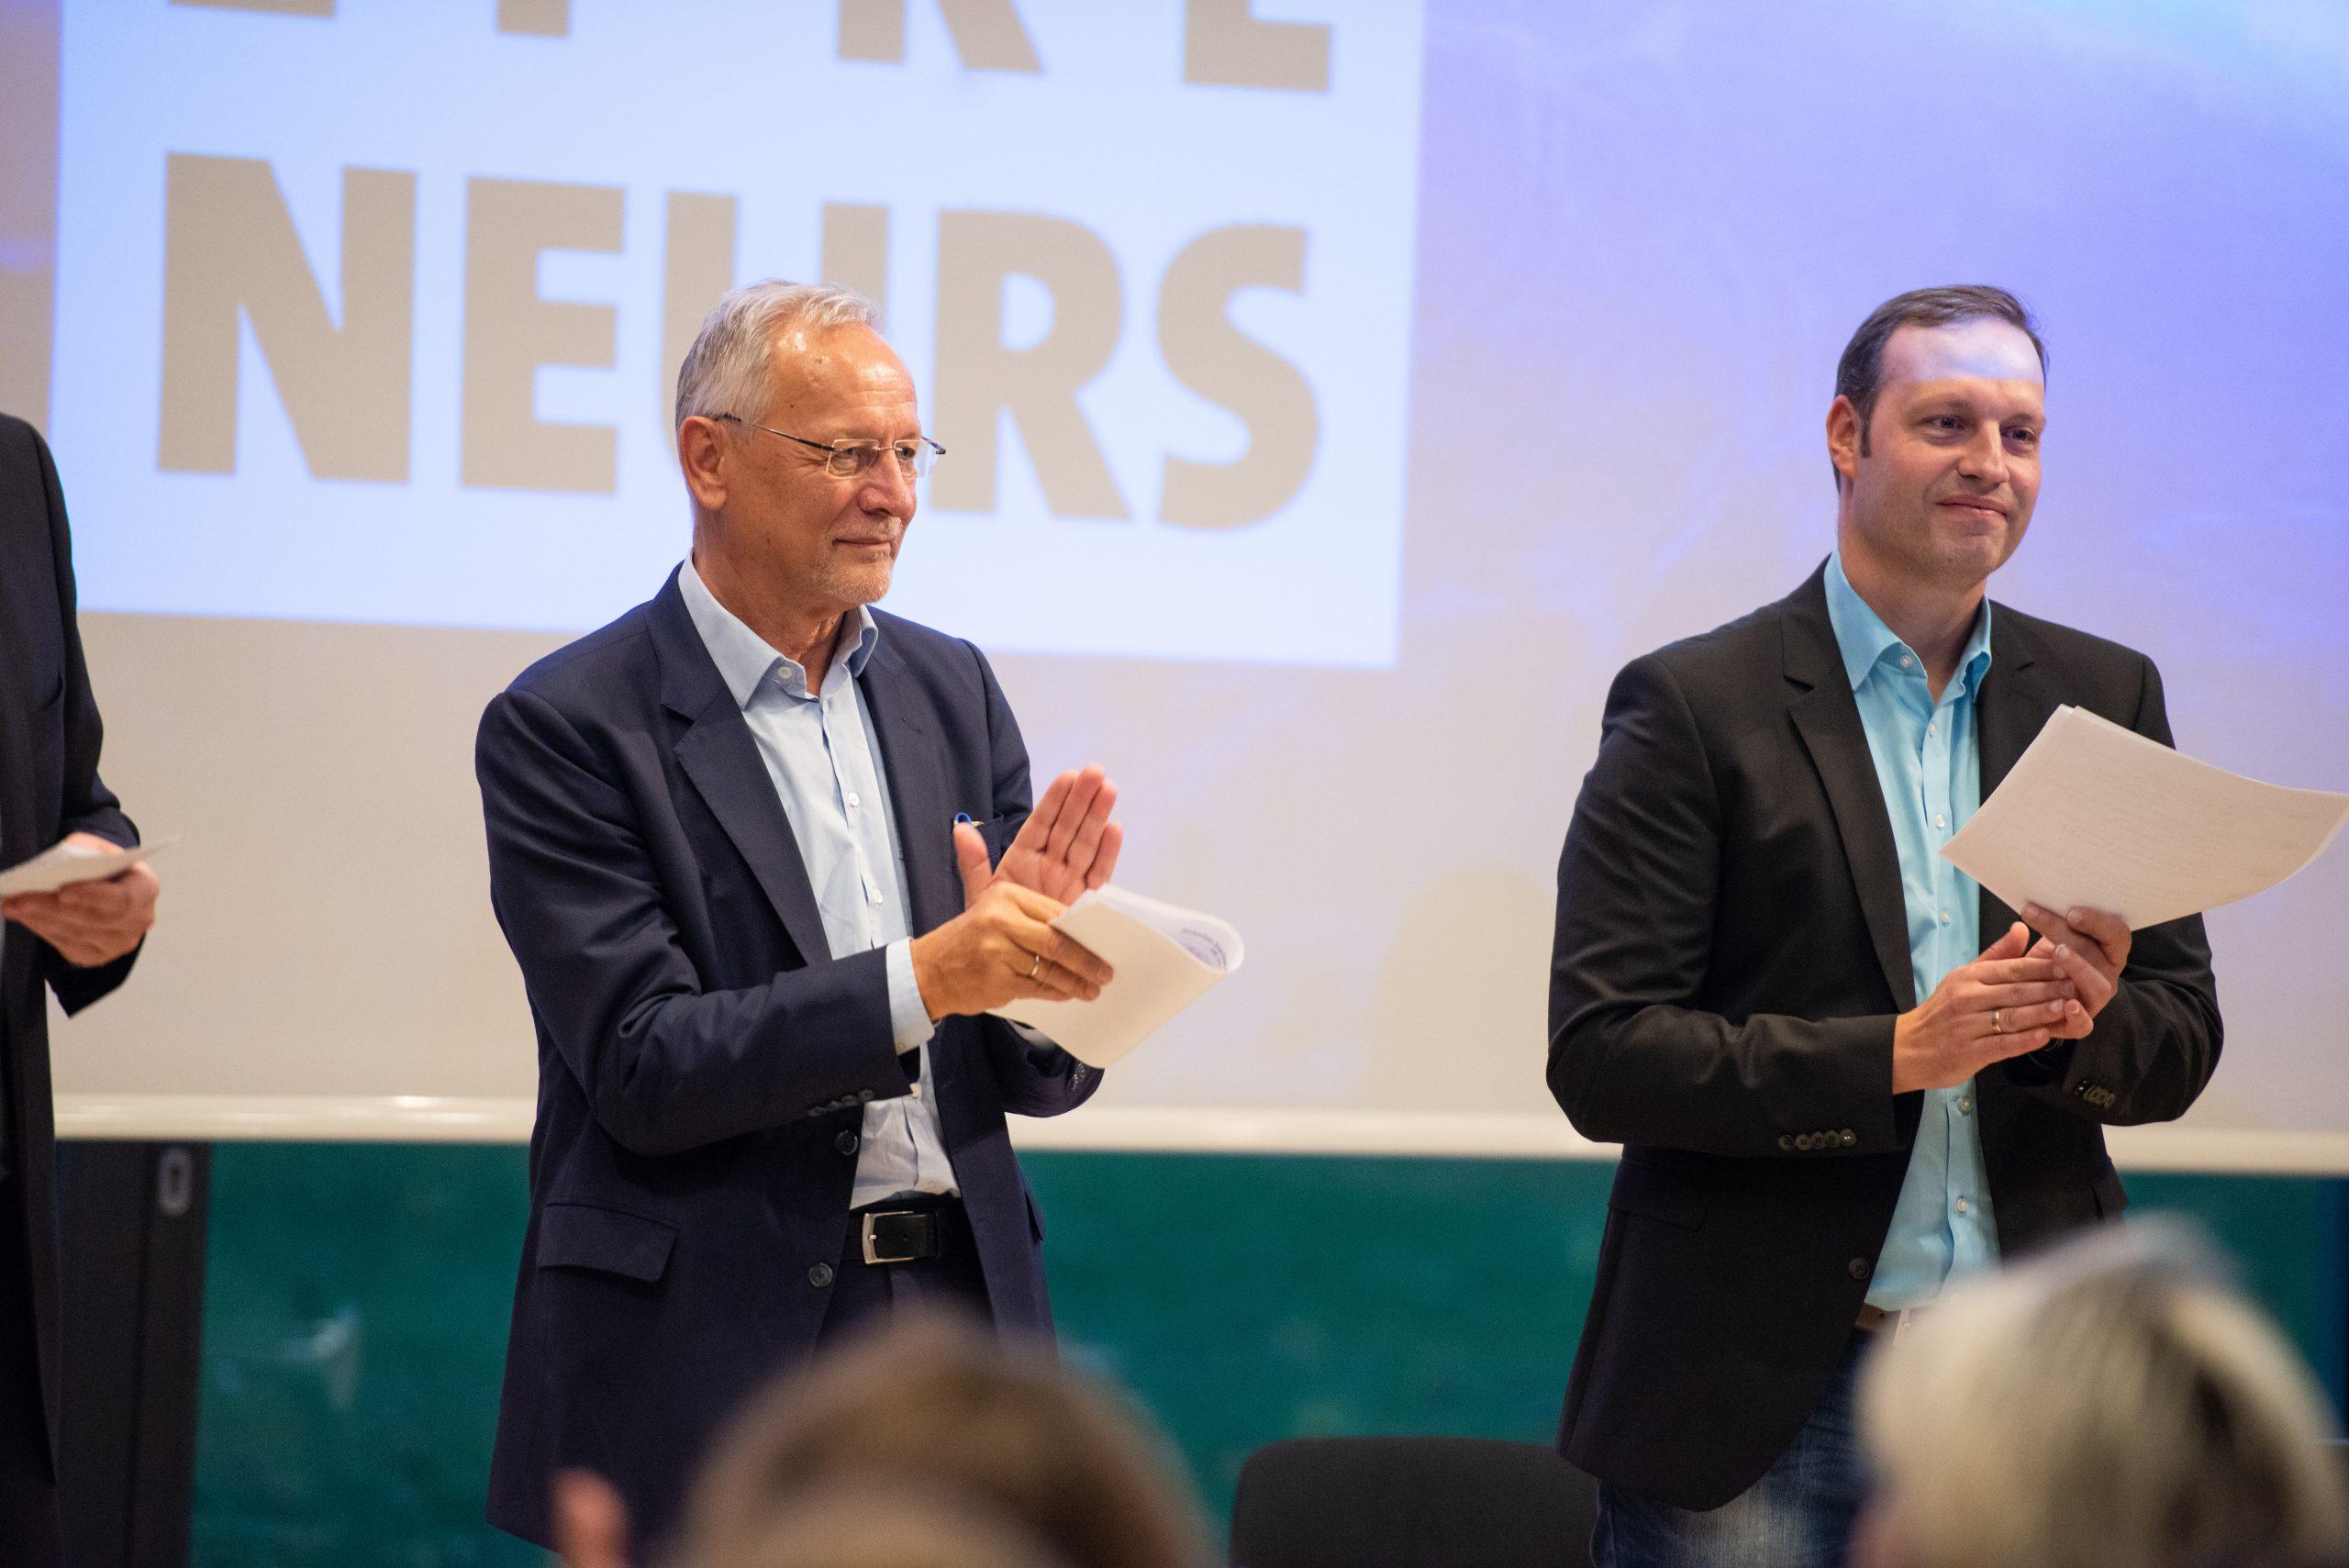 next_entrepreneurs_kleine_auswahl (31 von 42)